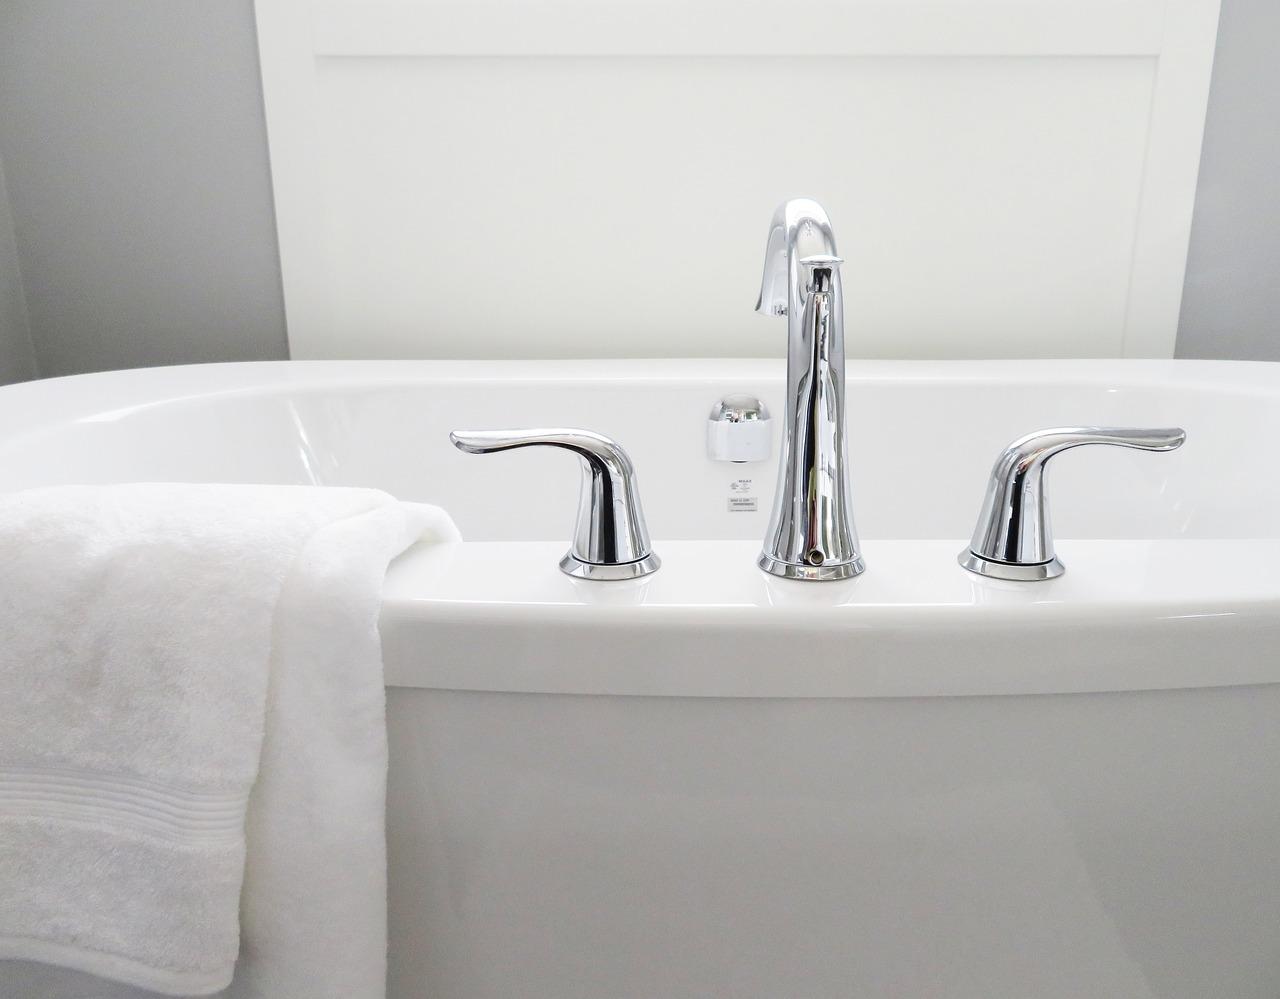 Vasca Da Bagno Quale Scegliere : Vasche da bagno per anziani e disabili scegliere il modello giusto